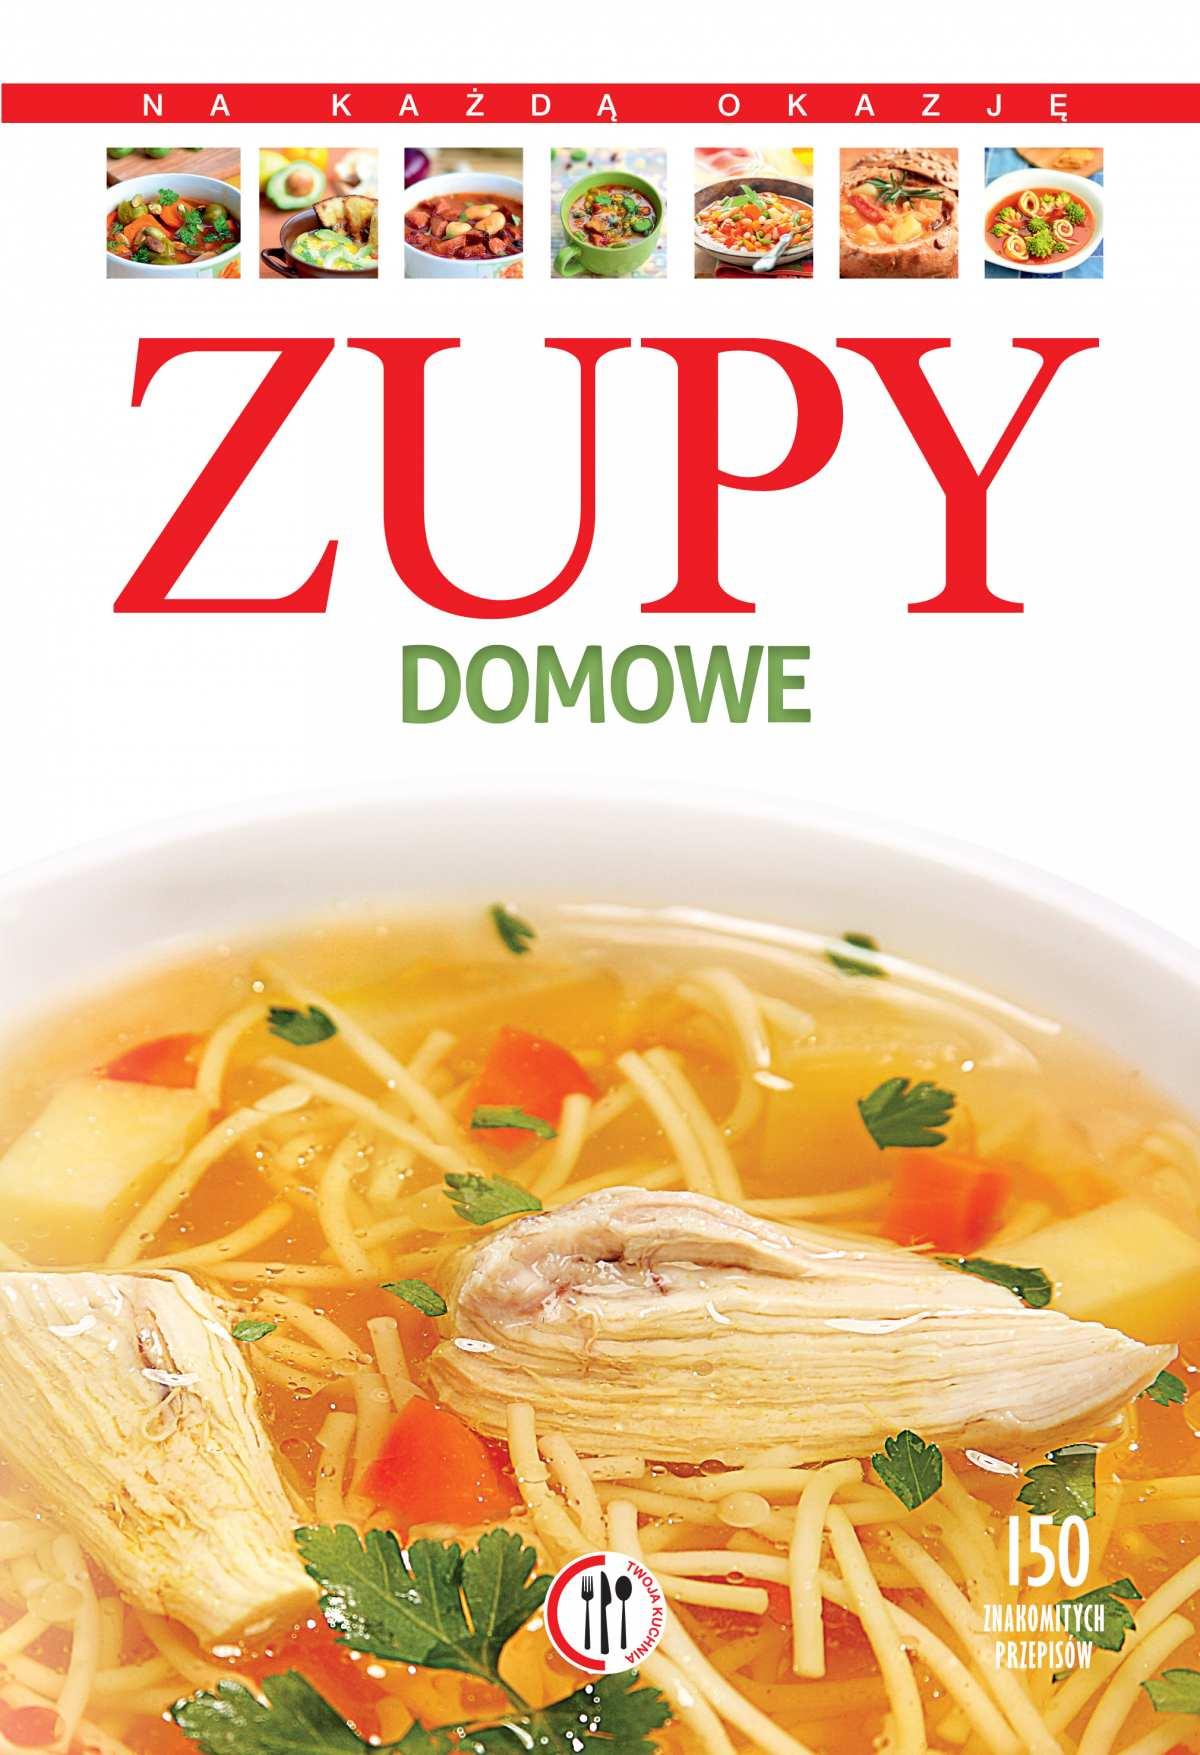 Zupy domowe. 150 znakomitych przepisów - Ebook (Książka PDF) do pobrania w formacie PDF